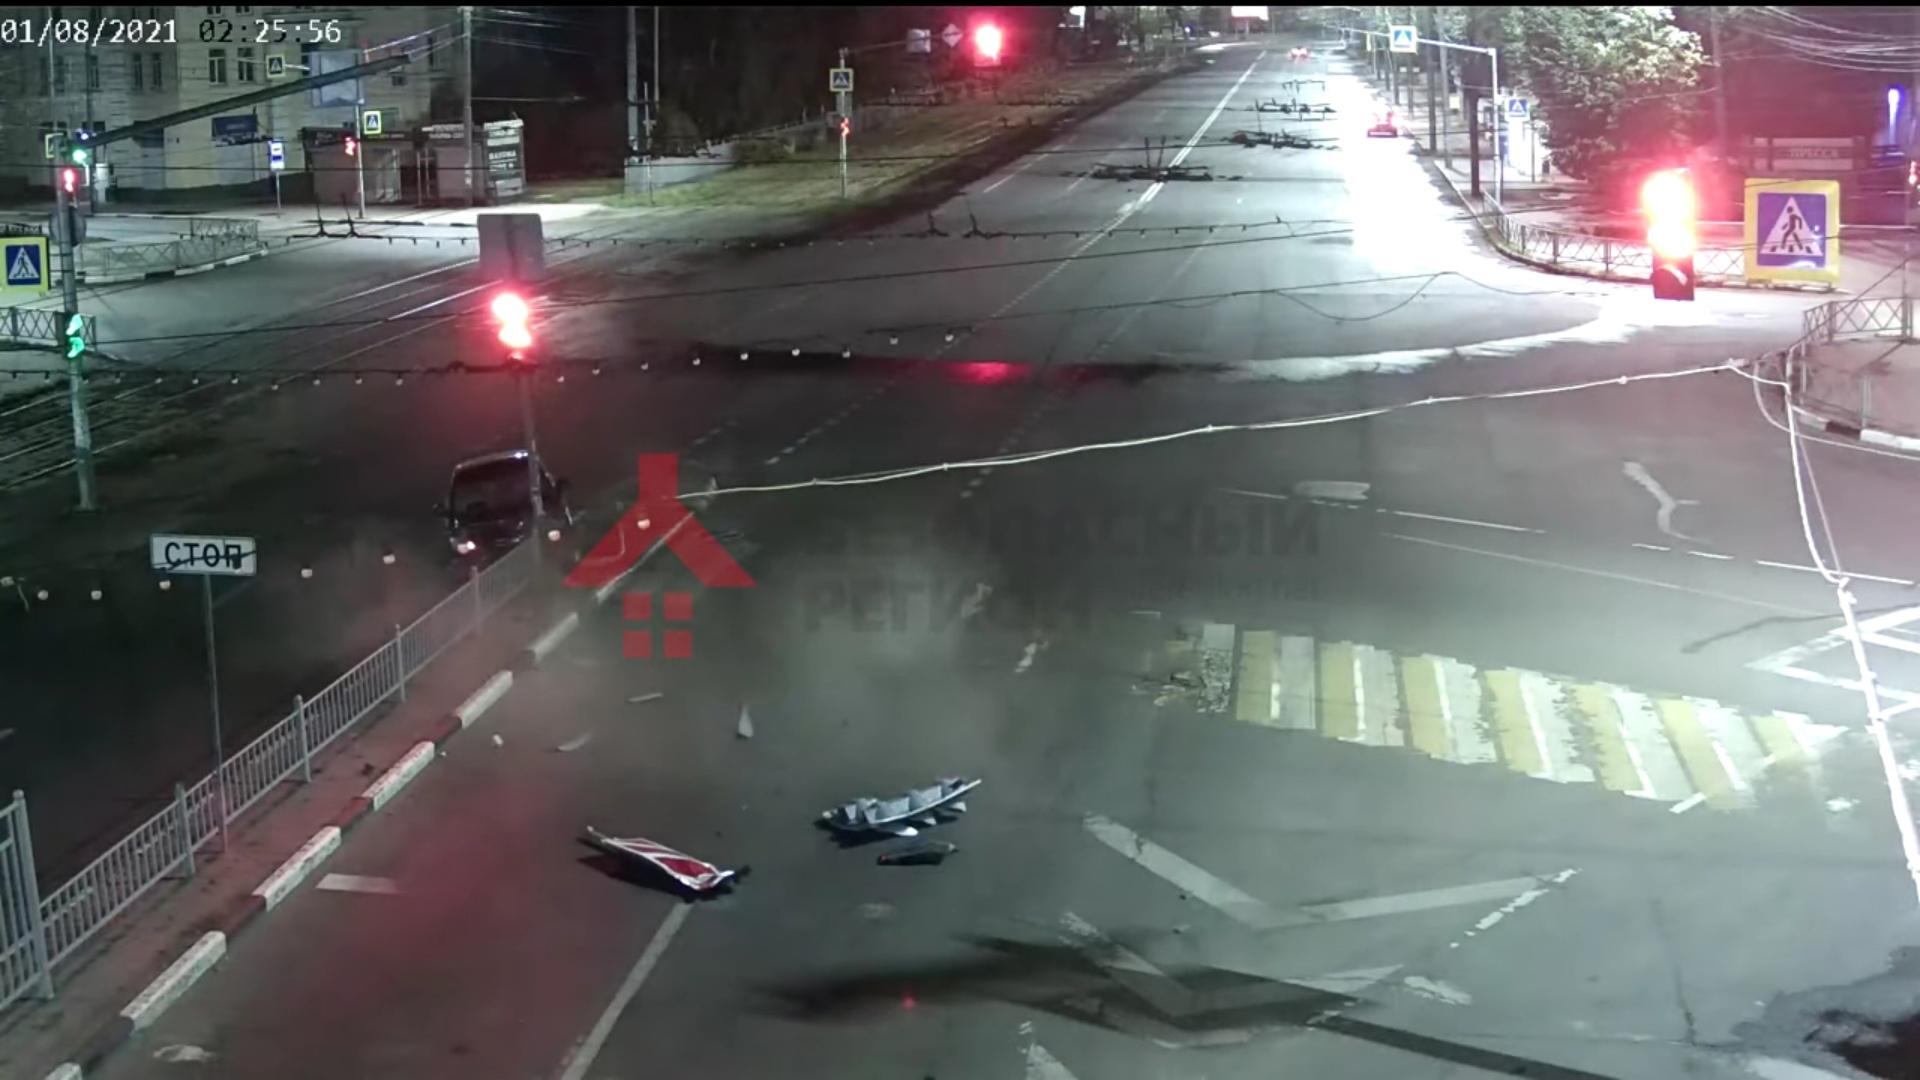 В сети появилось видео, как легковушка снесла светофор в центре Ярославля